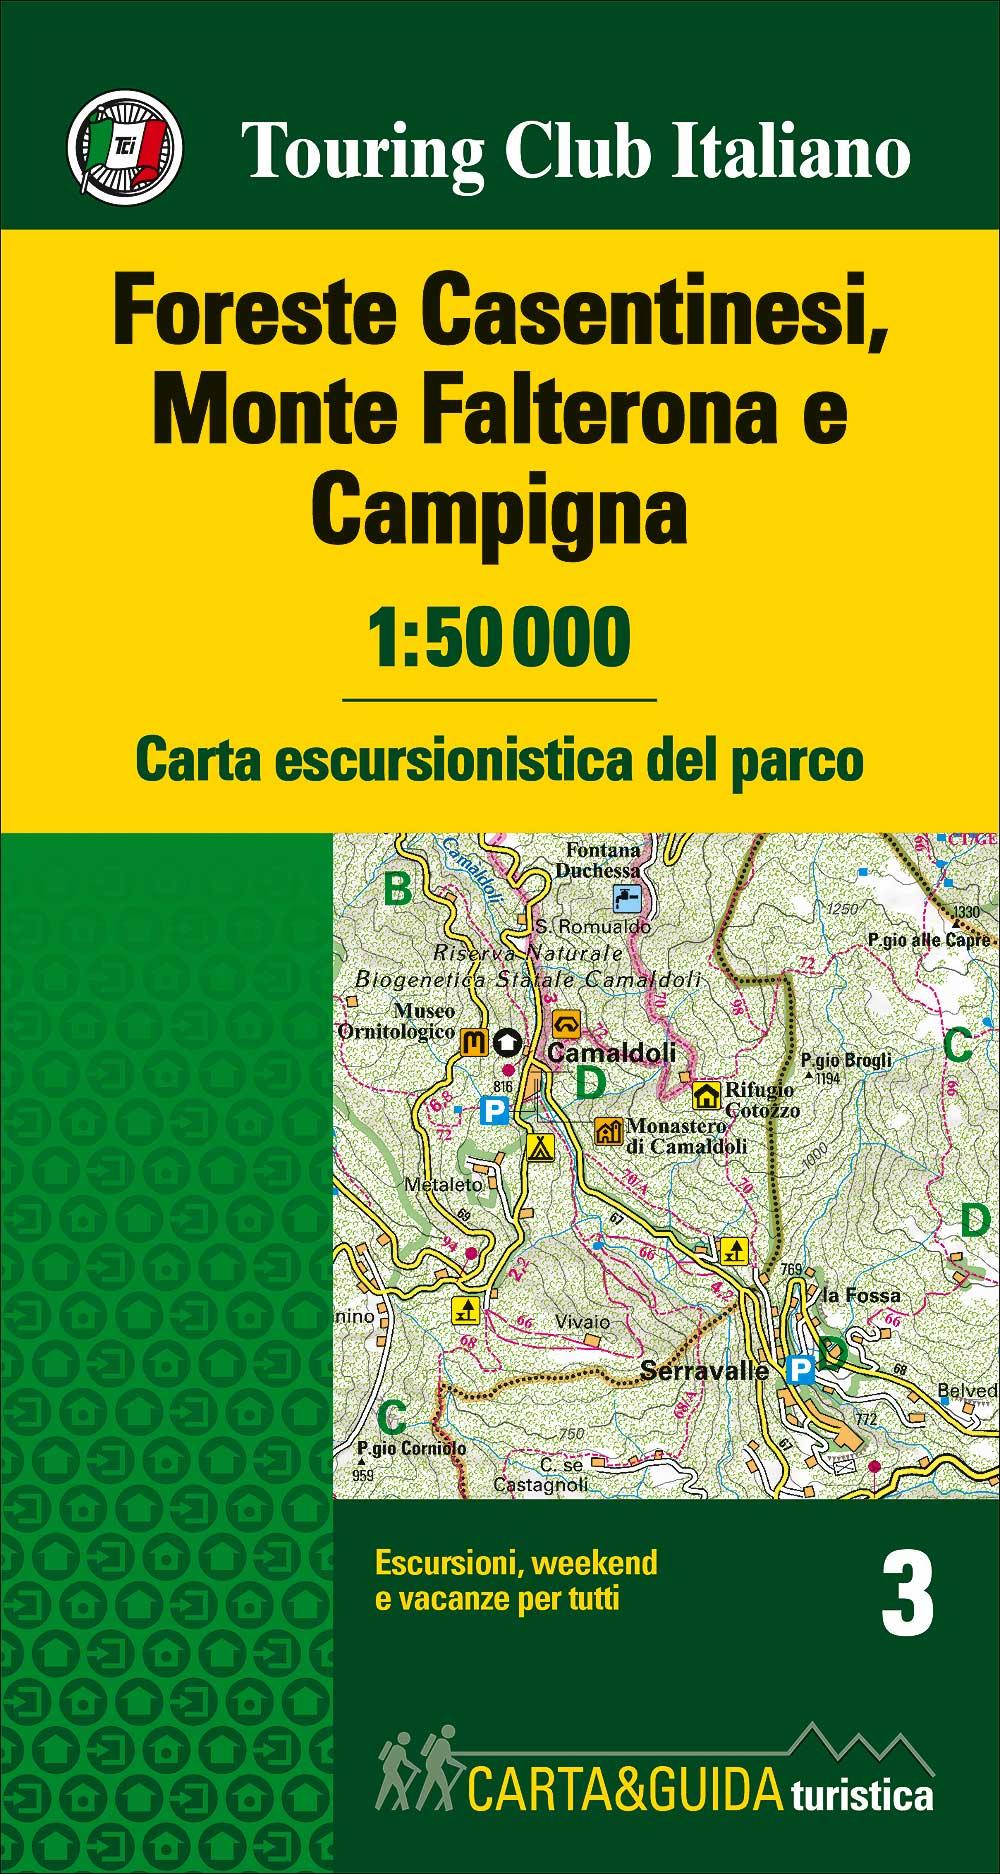 Foreste Casentinesi 1:50 000